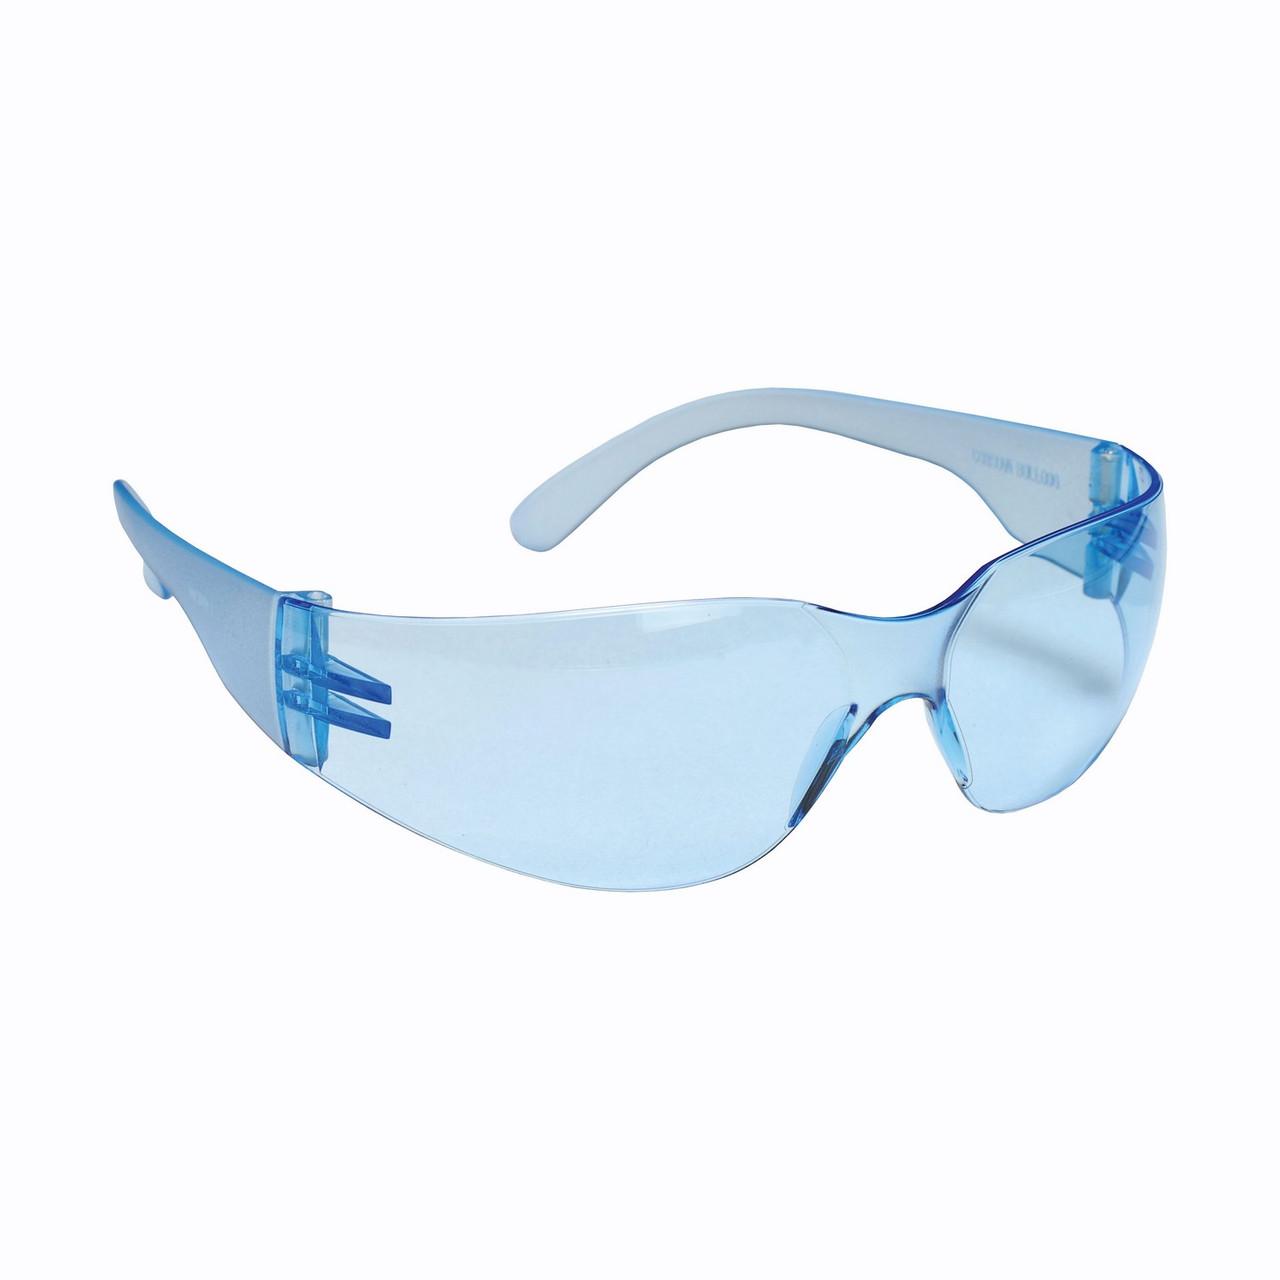 Blue Mirror Safety Glasses  Cordova Brand EHB60S